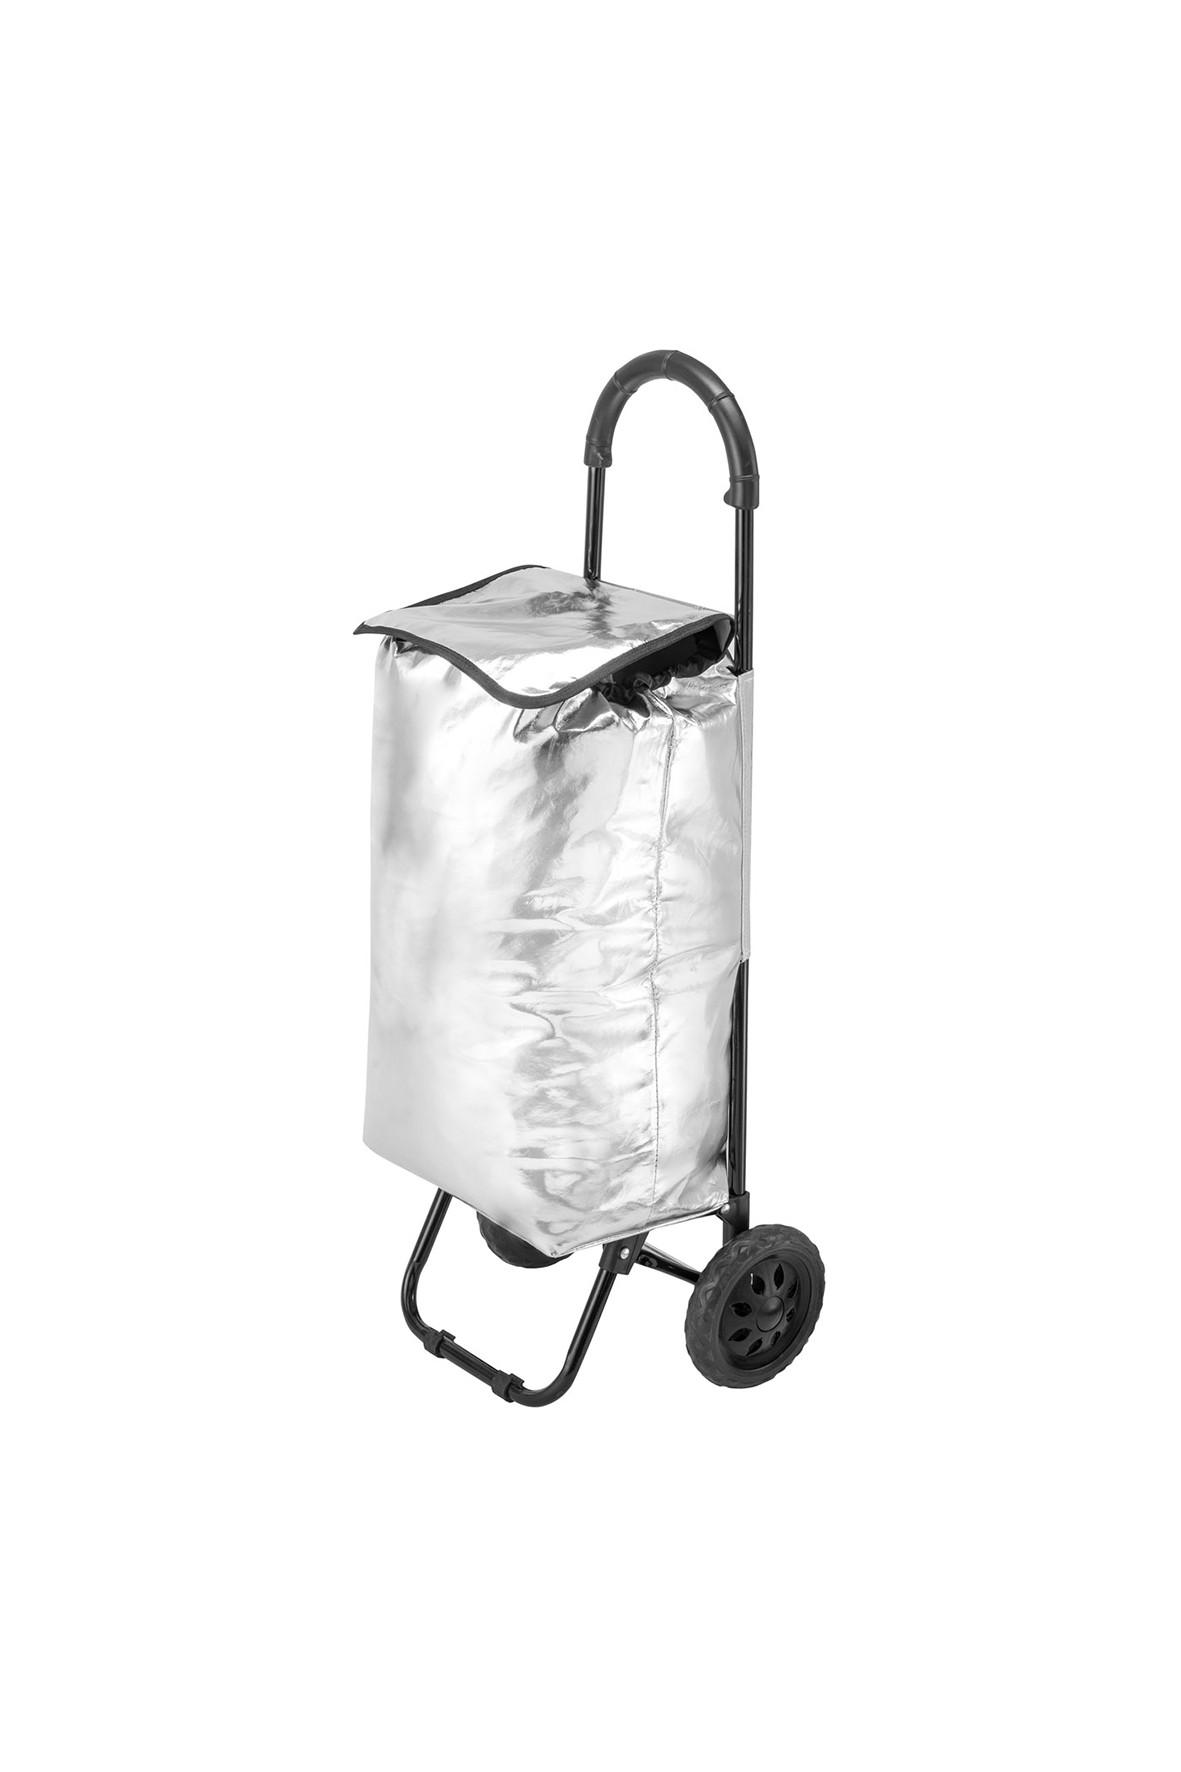 Wózek/torba za zakupy na kółkach Seria Fashion w kolorze srebrnym